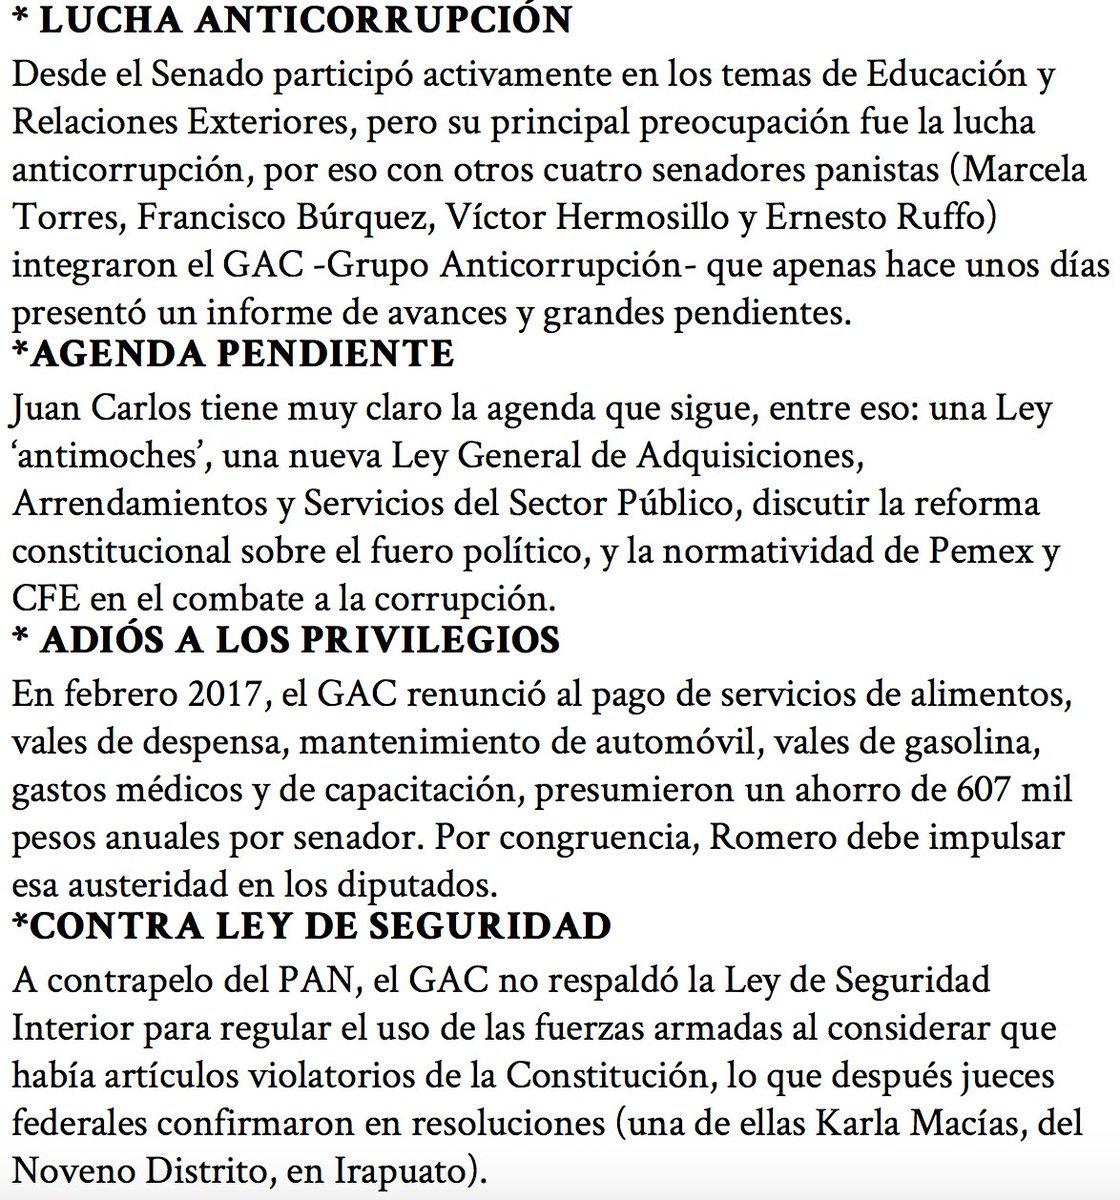 Tanto @JCRomeroHicks como @Marce_Torres7 y @RuffoAppel, integrantes del @GAC_Senado, continuarán con ese compromiso en las luchas pendientes en el combate a la corrupción. https://t.co/2thIB2eZoO